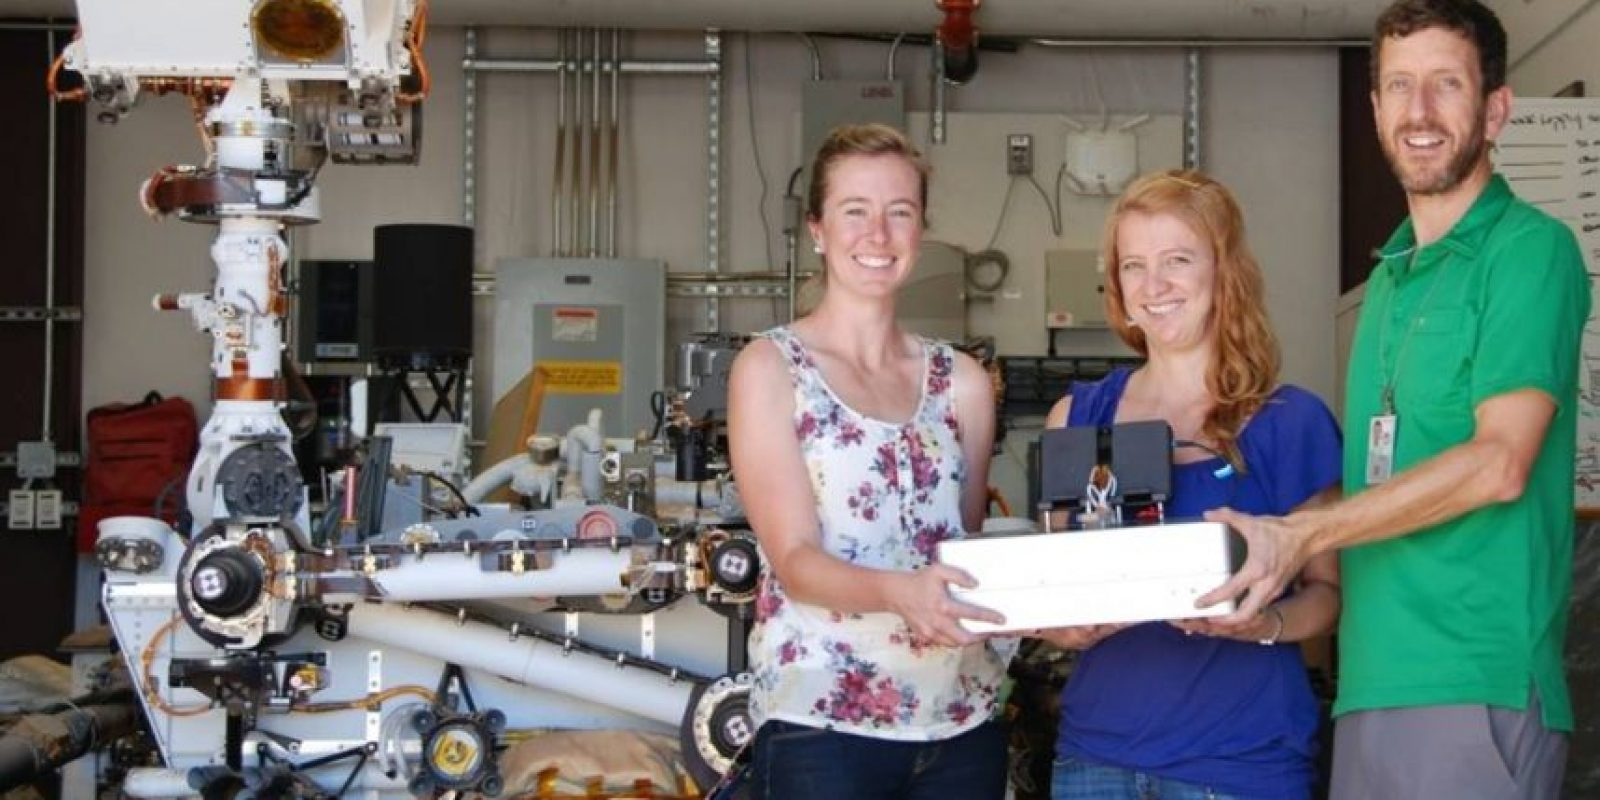 La computadora fue creada en el Laboratorio de Propulsión Jet de la NASA en California. Foto:Vía Nasa.gov